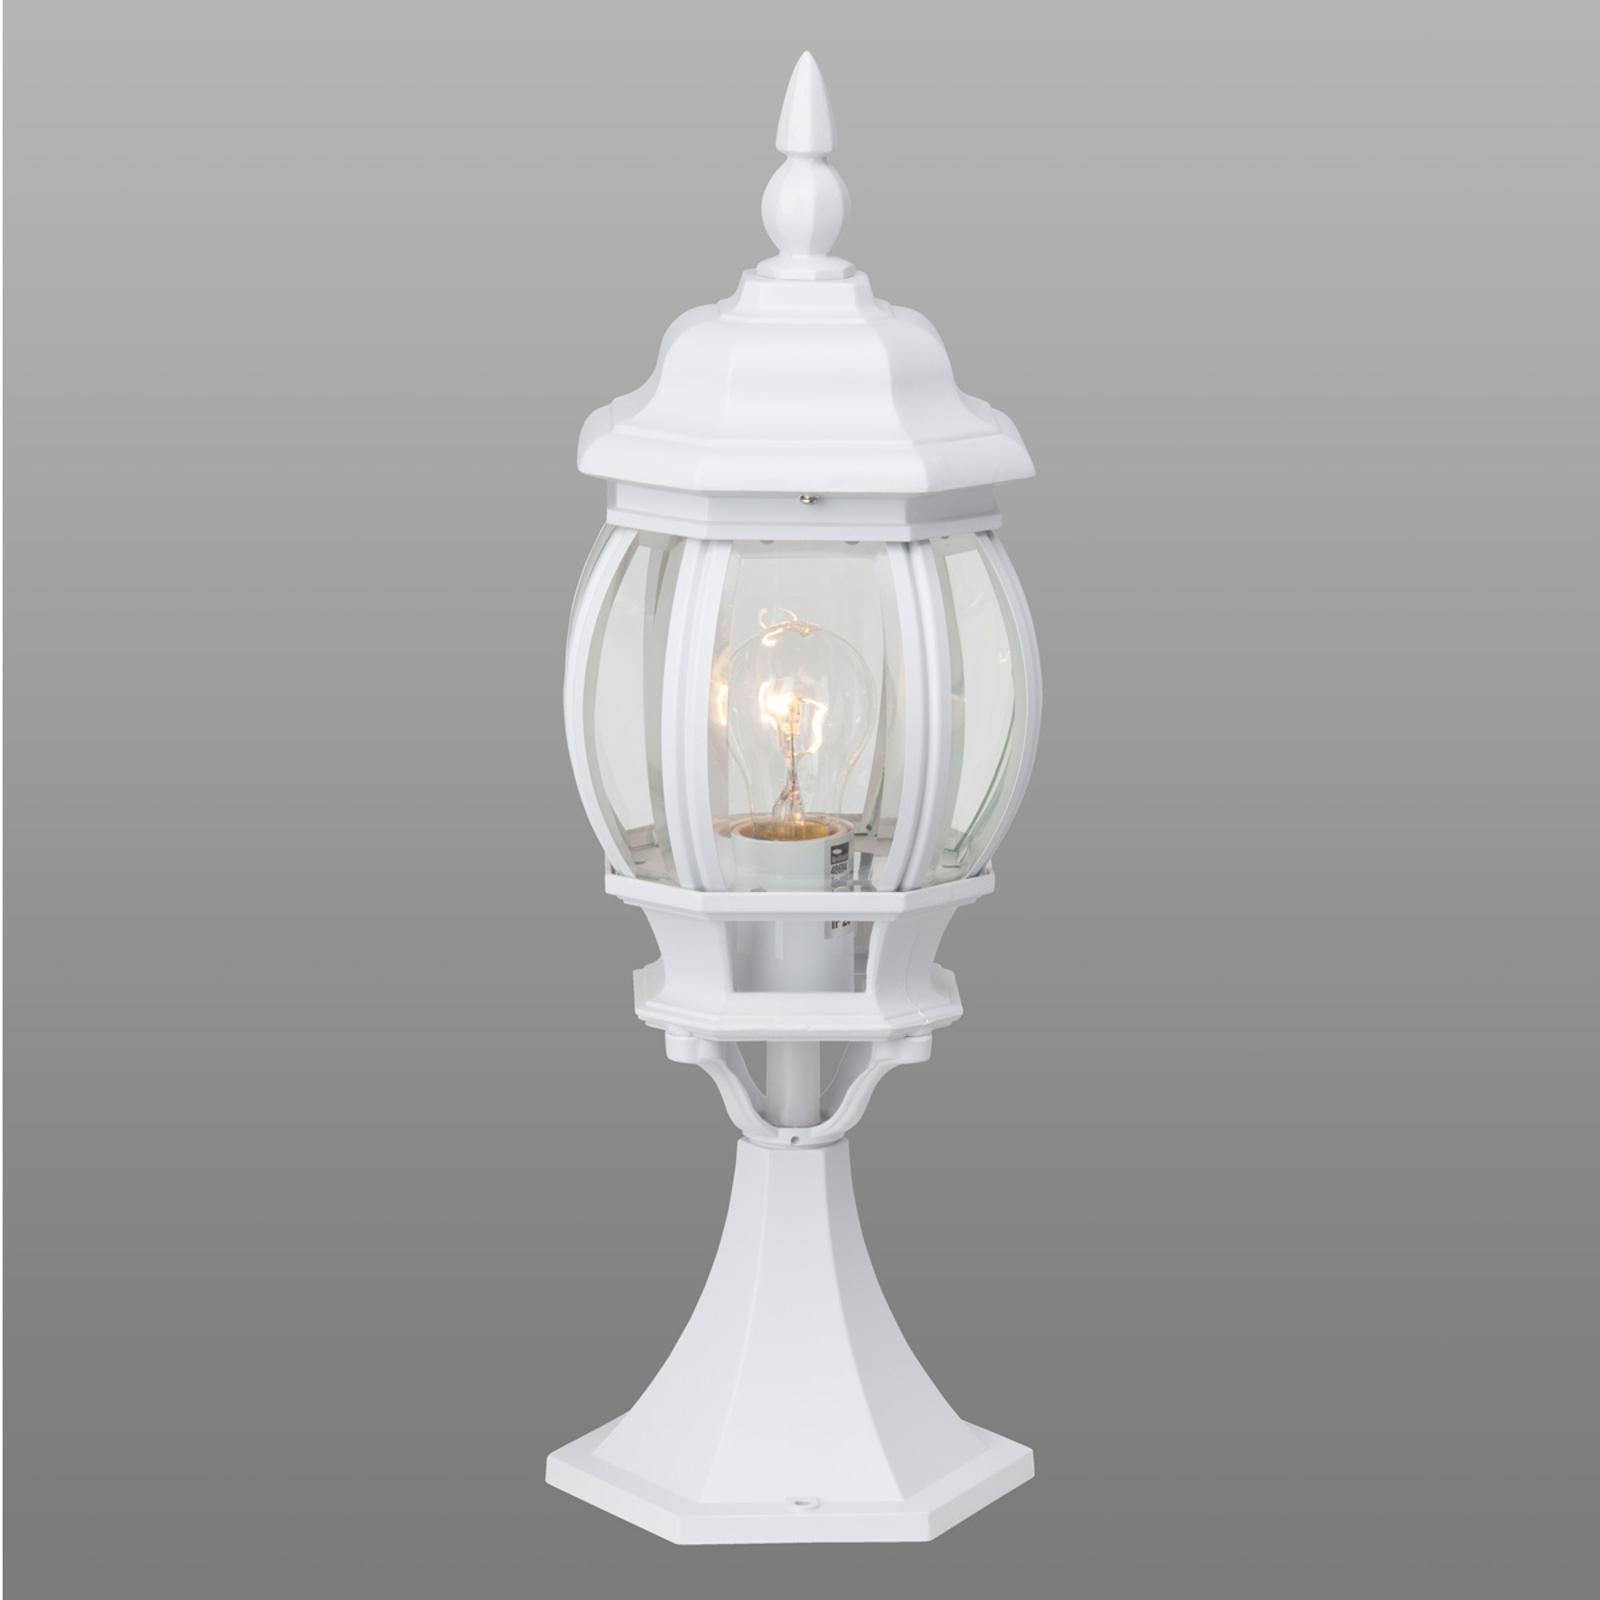 White pillar light Istria_1507235_1